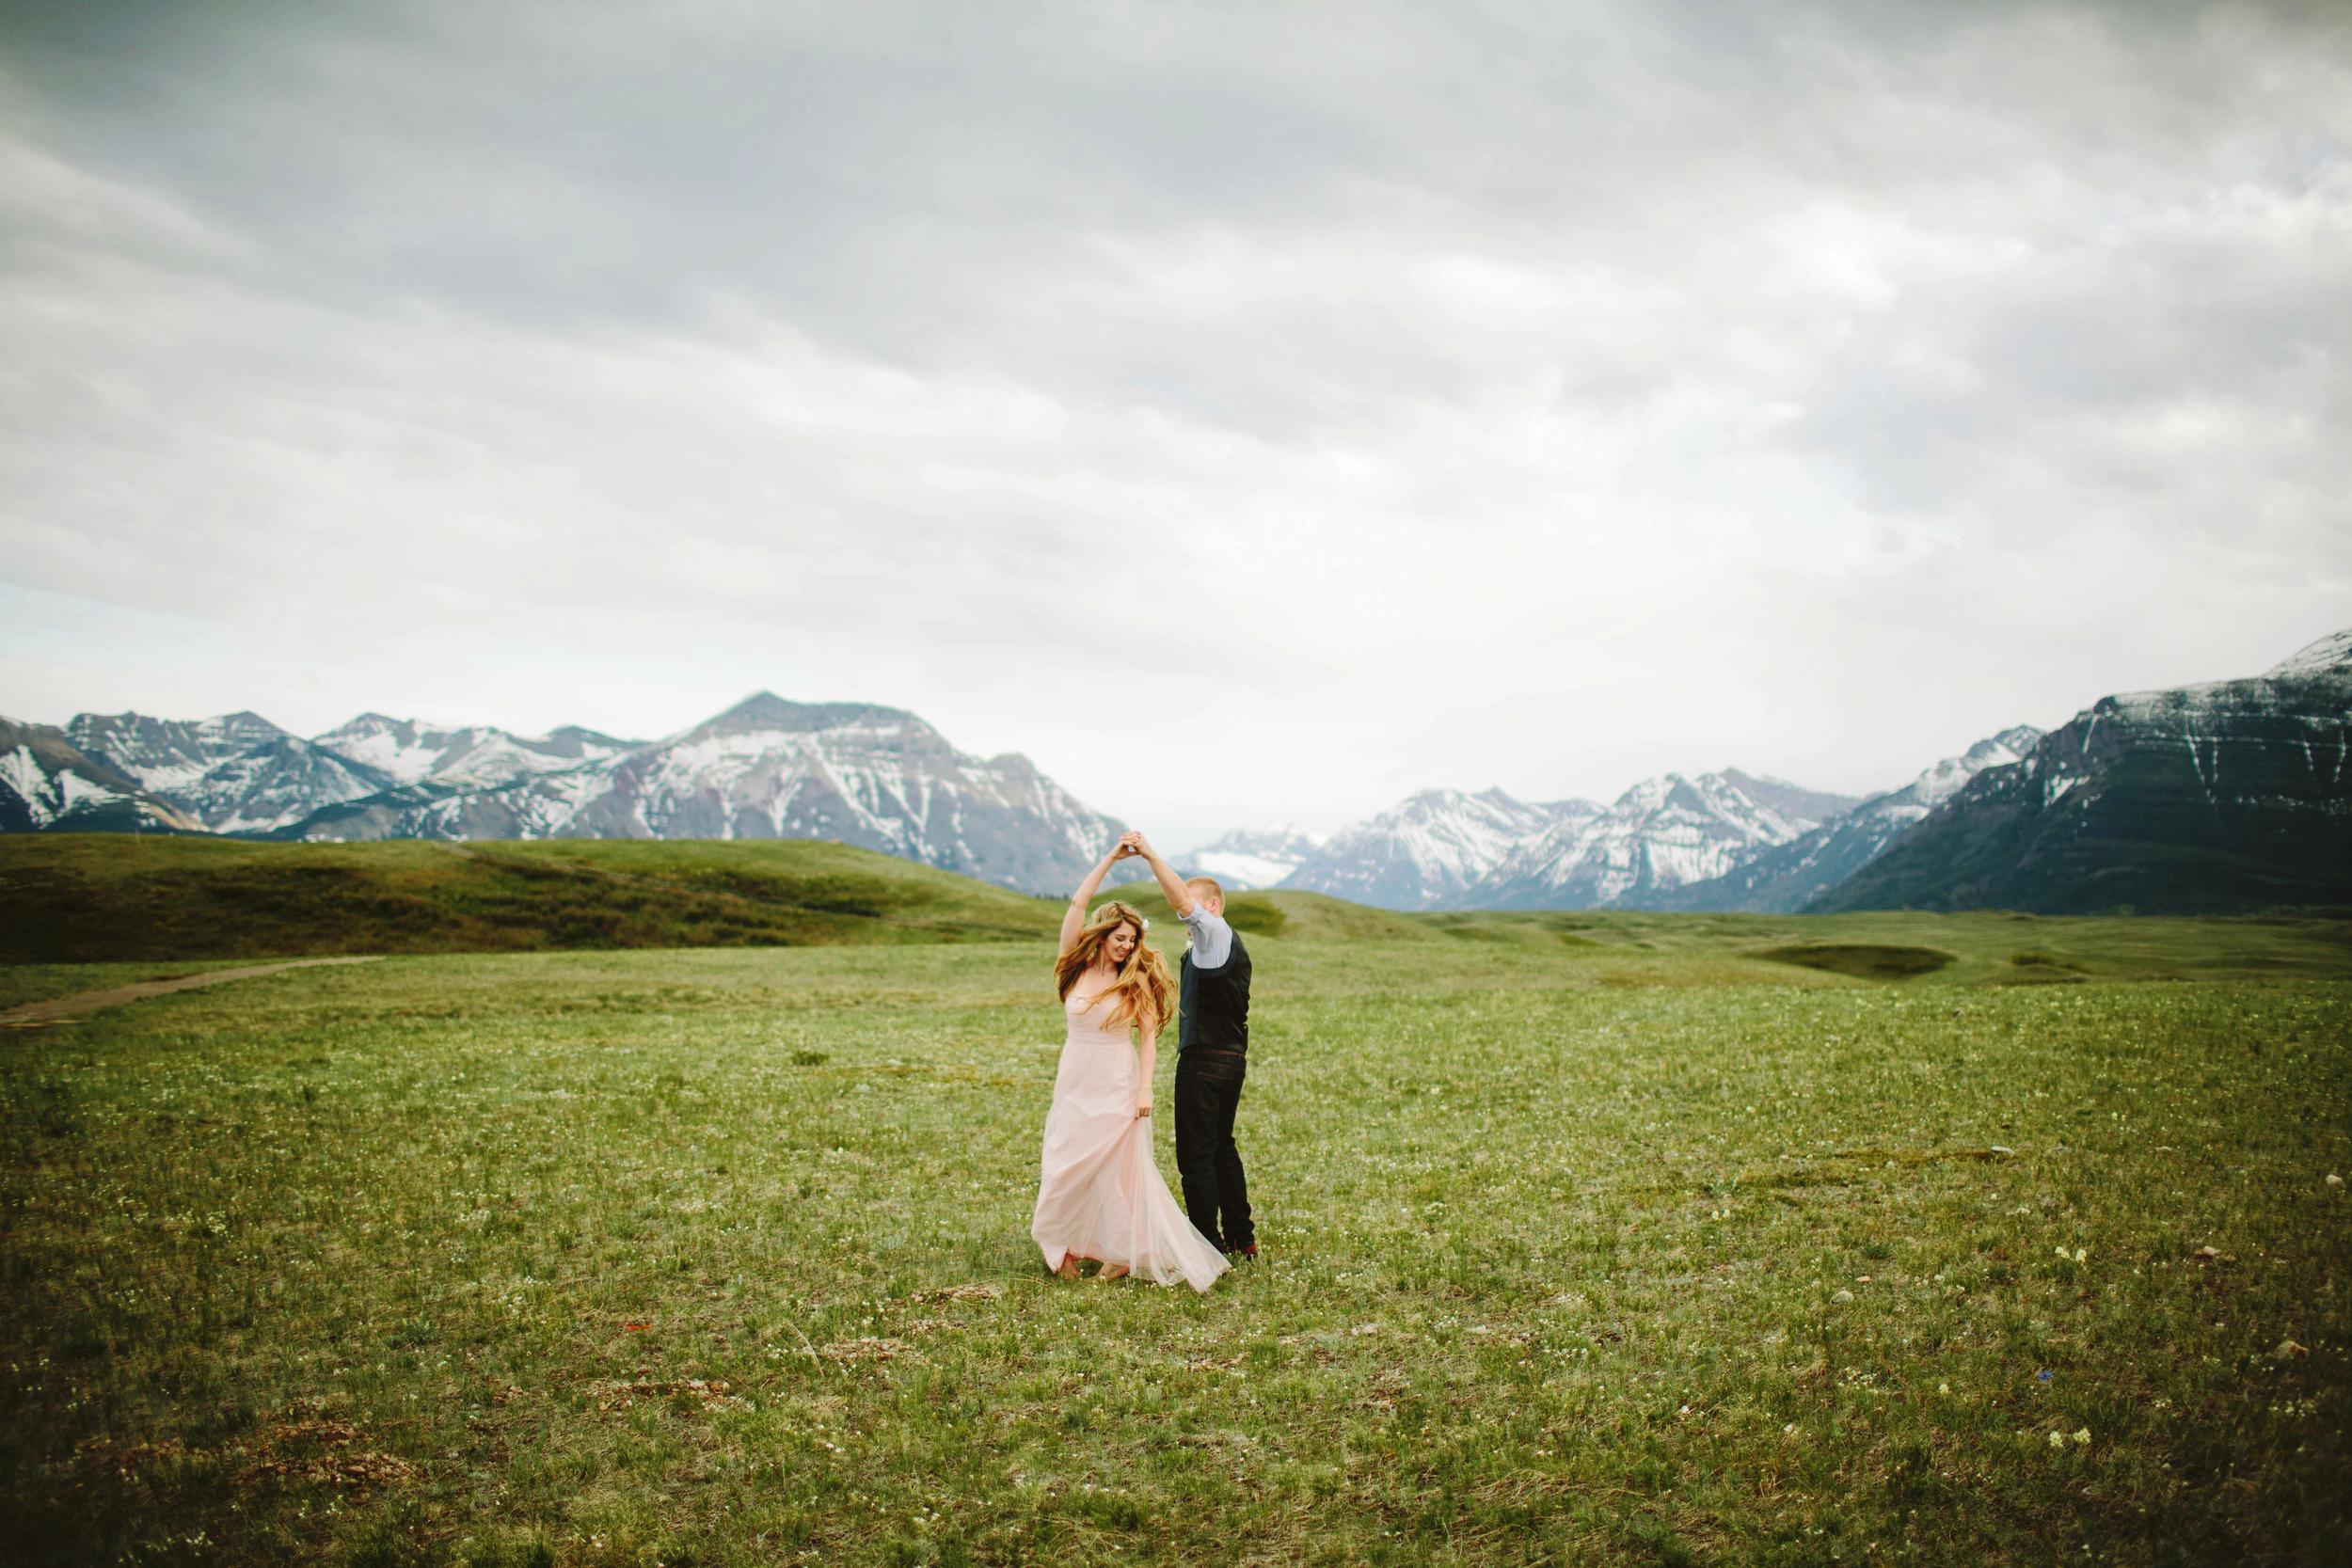 Joanna + Darcy - Waterton, Alberta